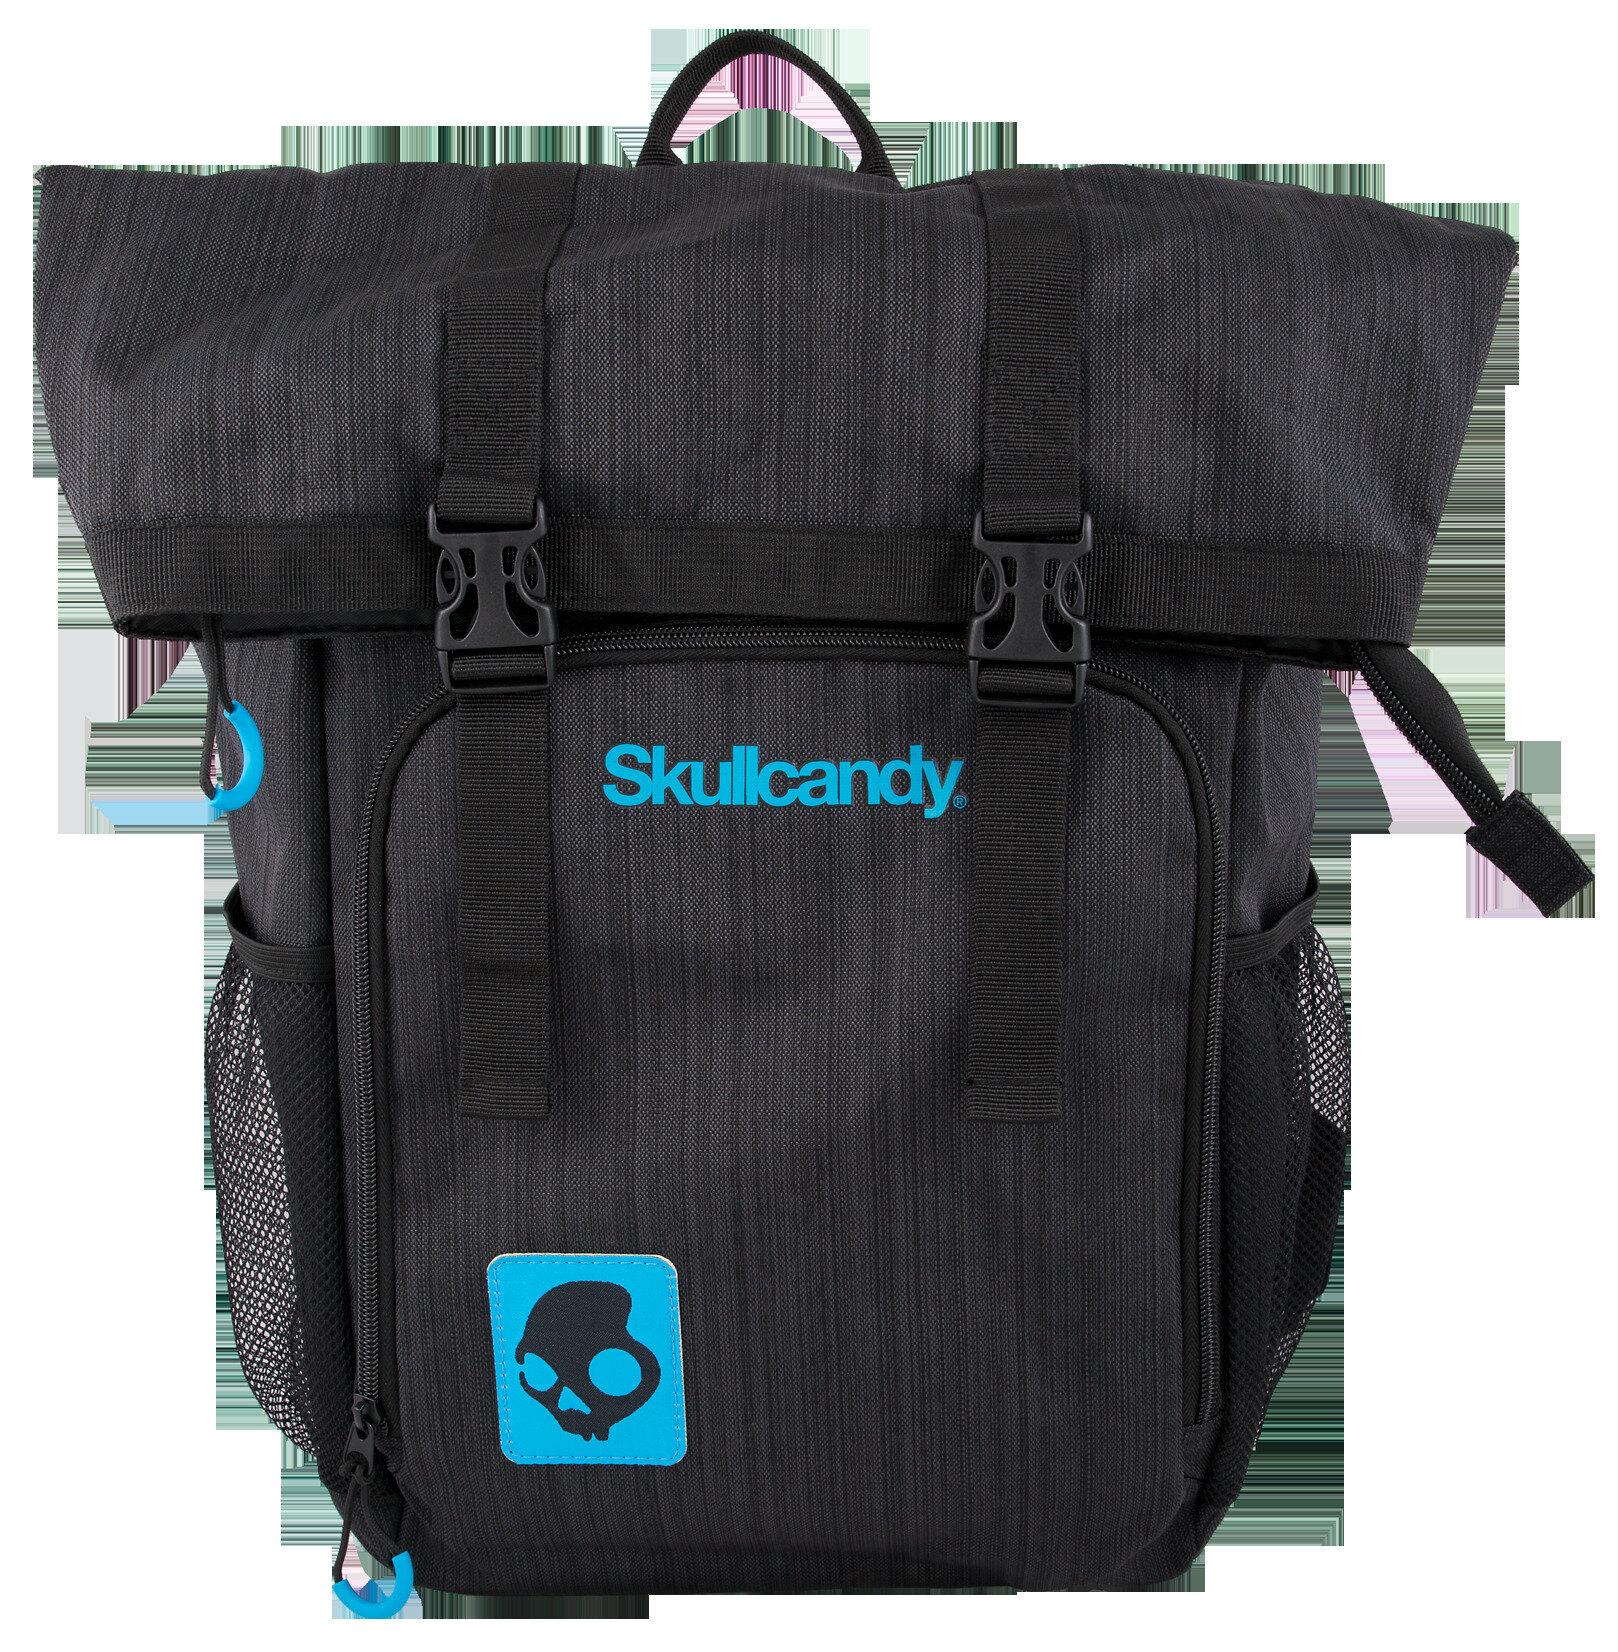 Skullcandy Hiker Bag - Summit Blue Barrel